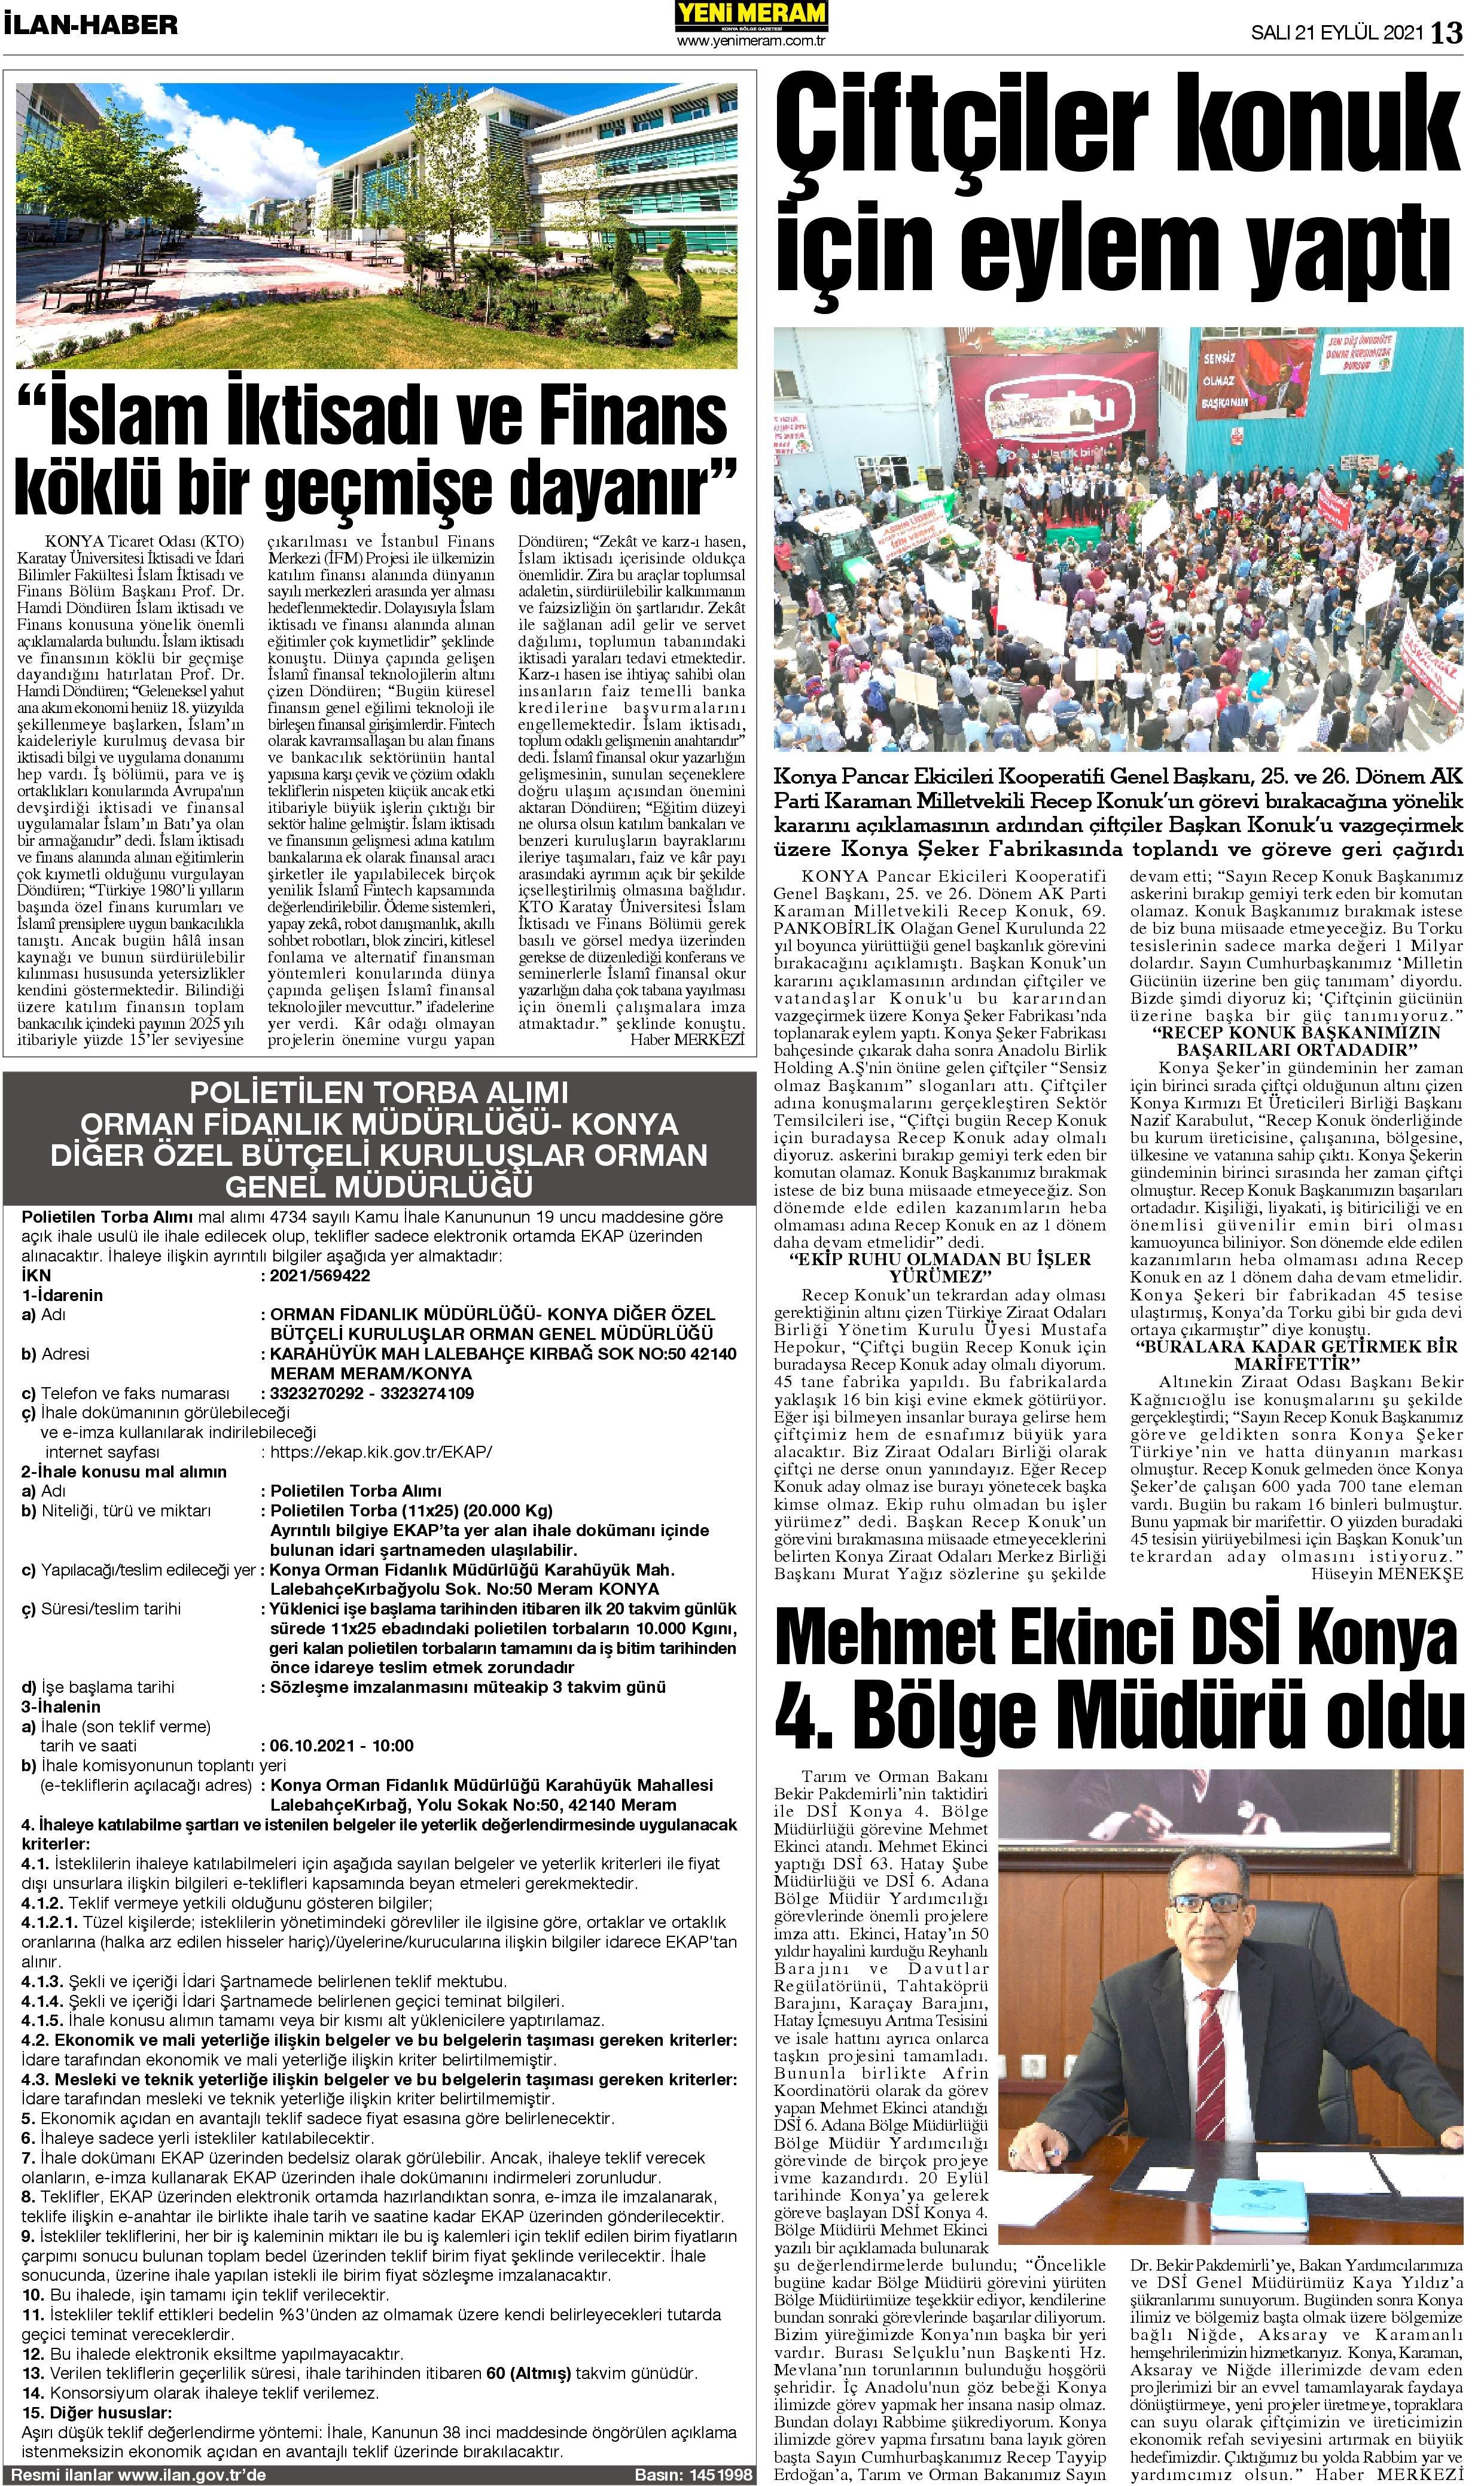 21 Eylül 2021 Yeni Meram Gazetesi